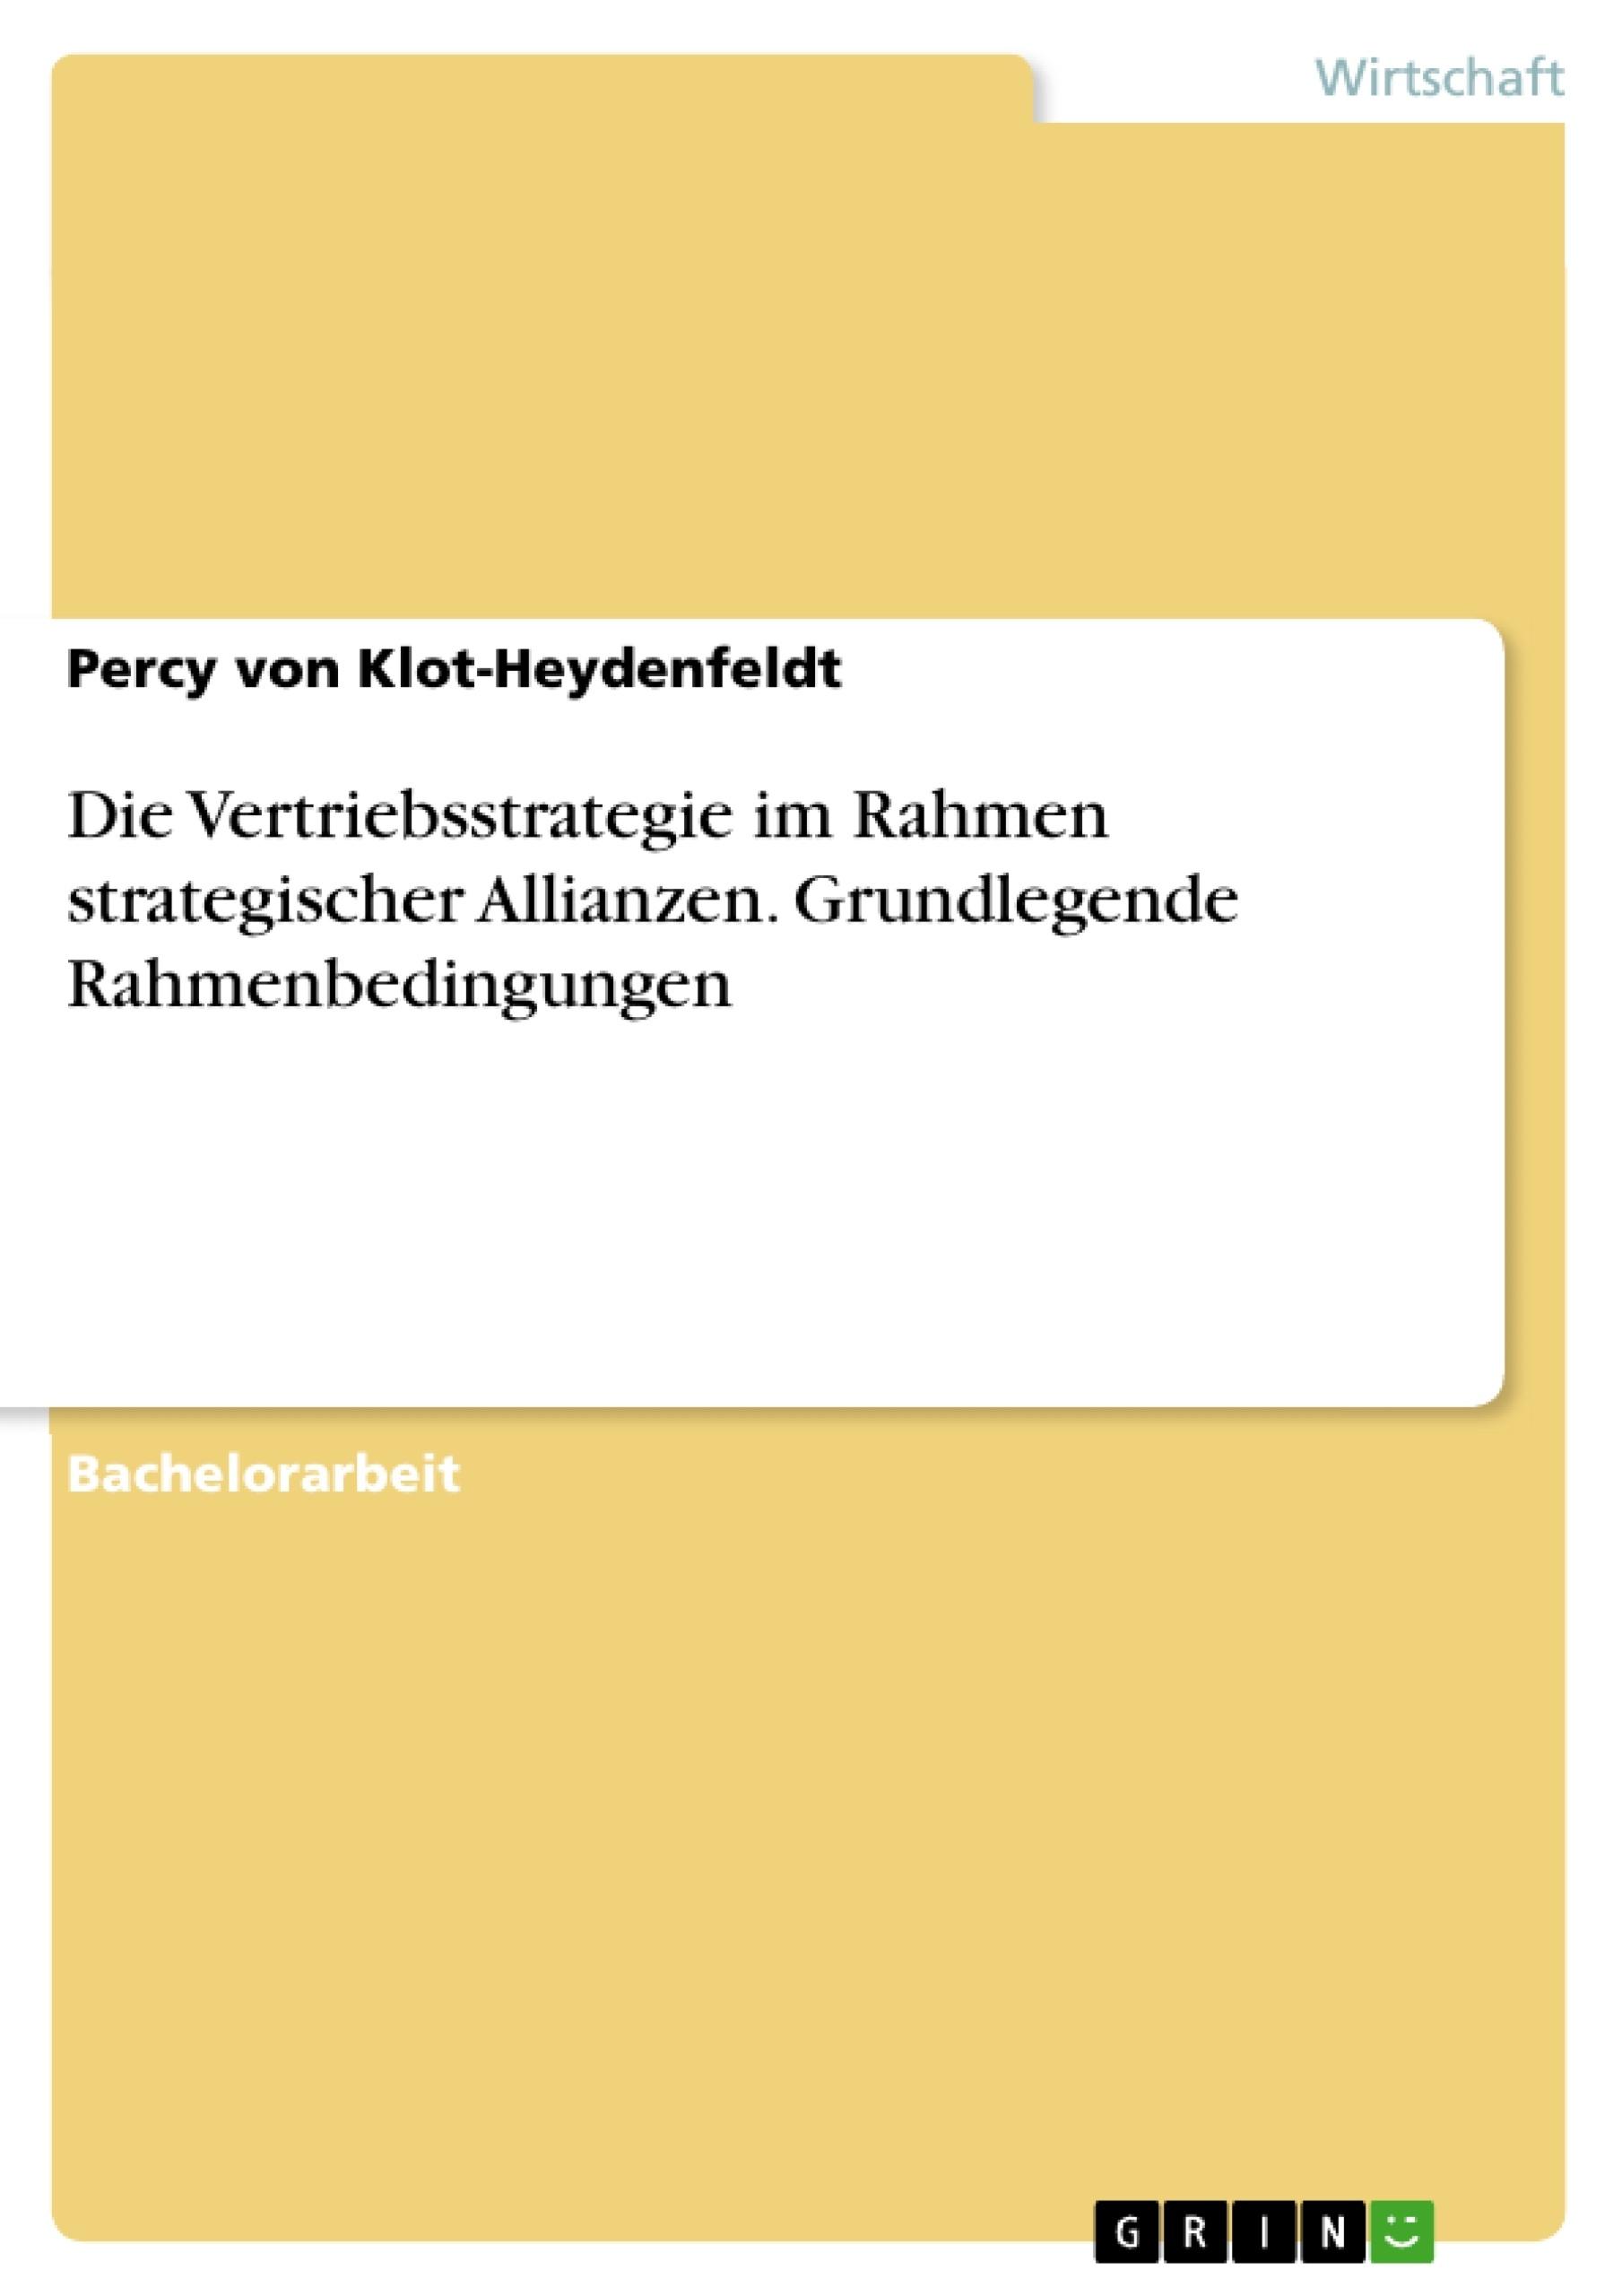 Titel: Die Vertriebsstrategie im Rahmen strategischer Allianzen. Grundlegende Rahmenbedingungen